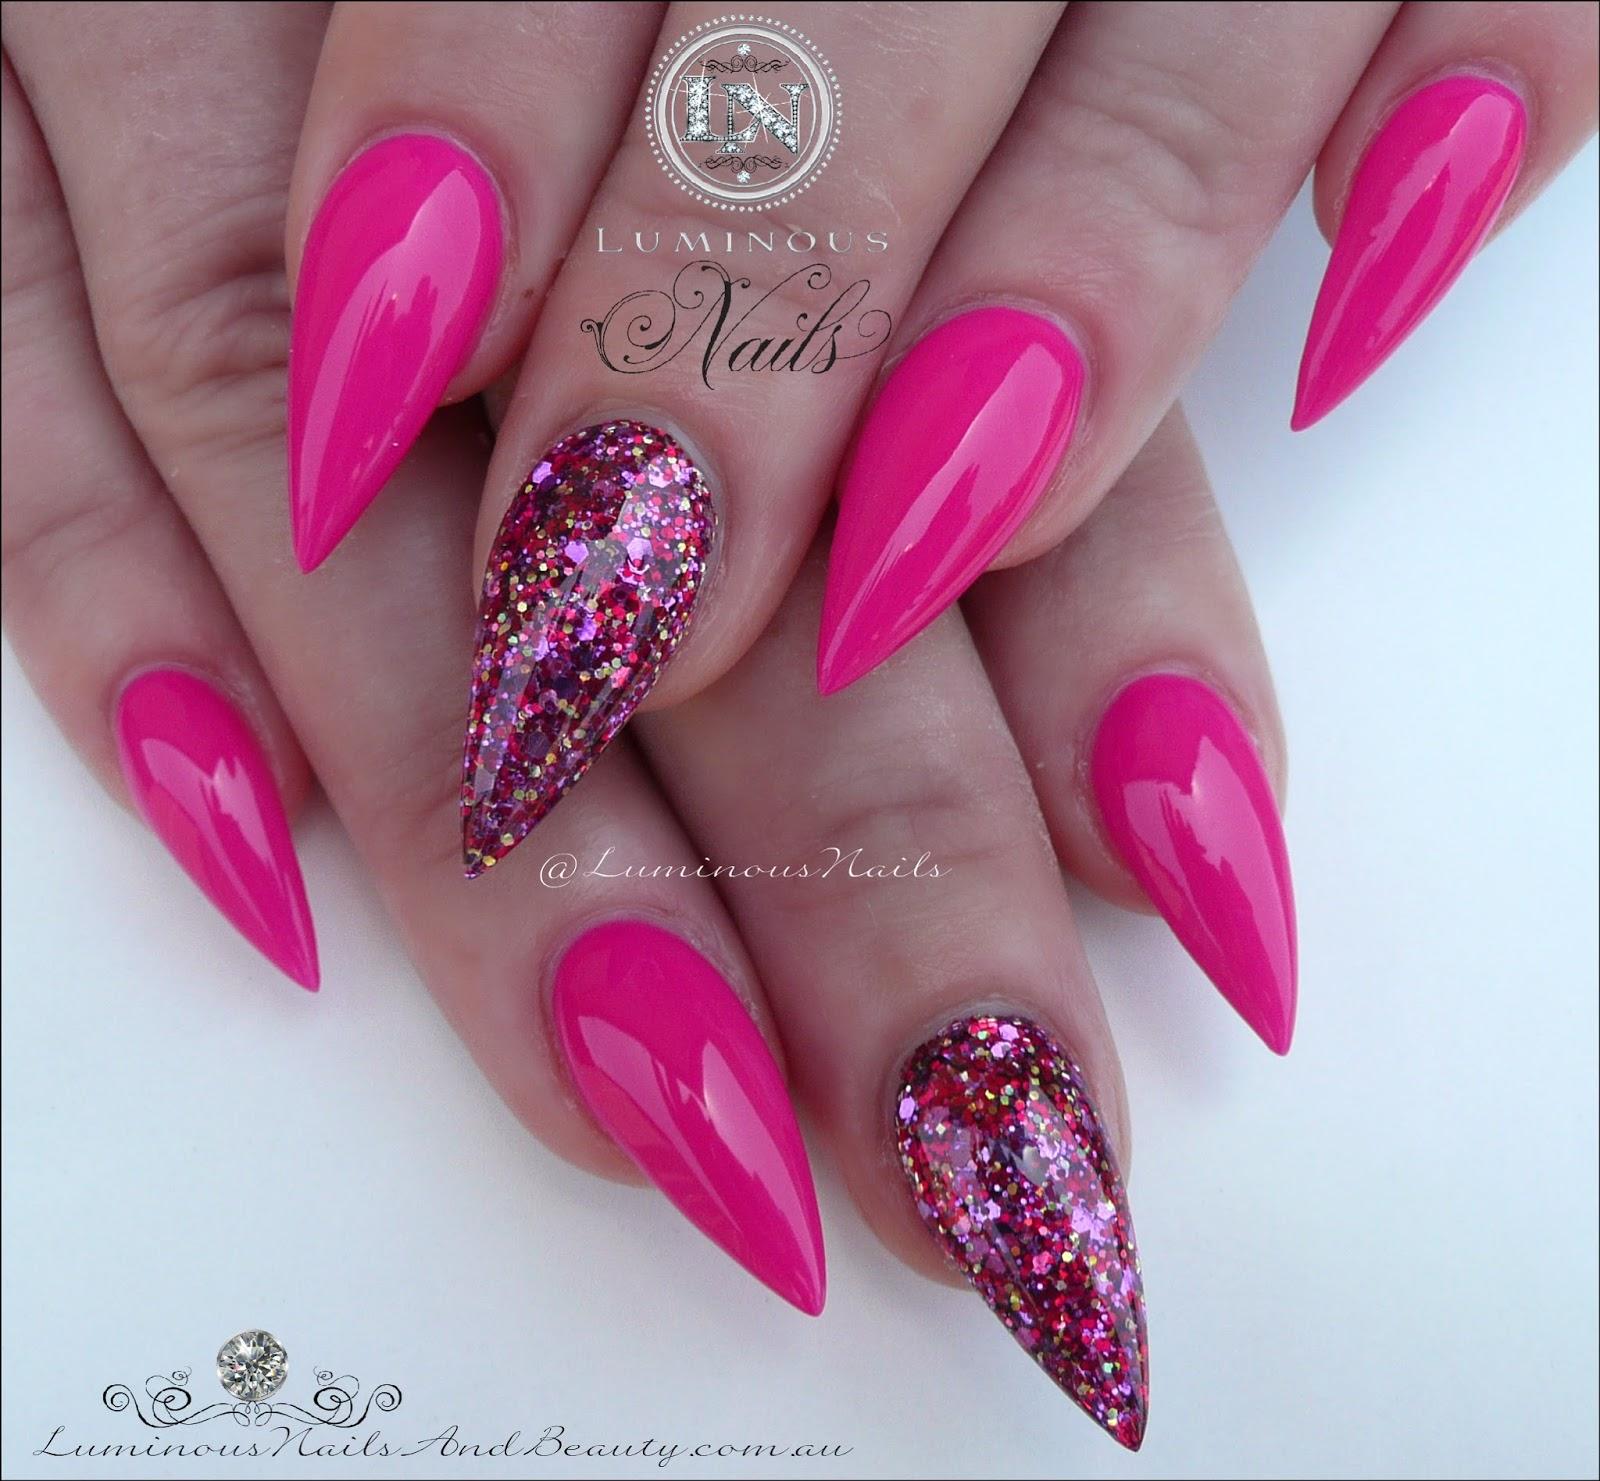 Luminous Nails: Fuchsia Acrylic Nails.